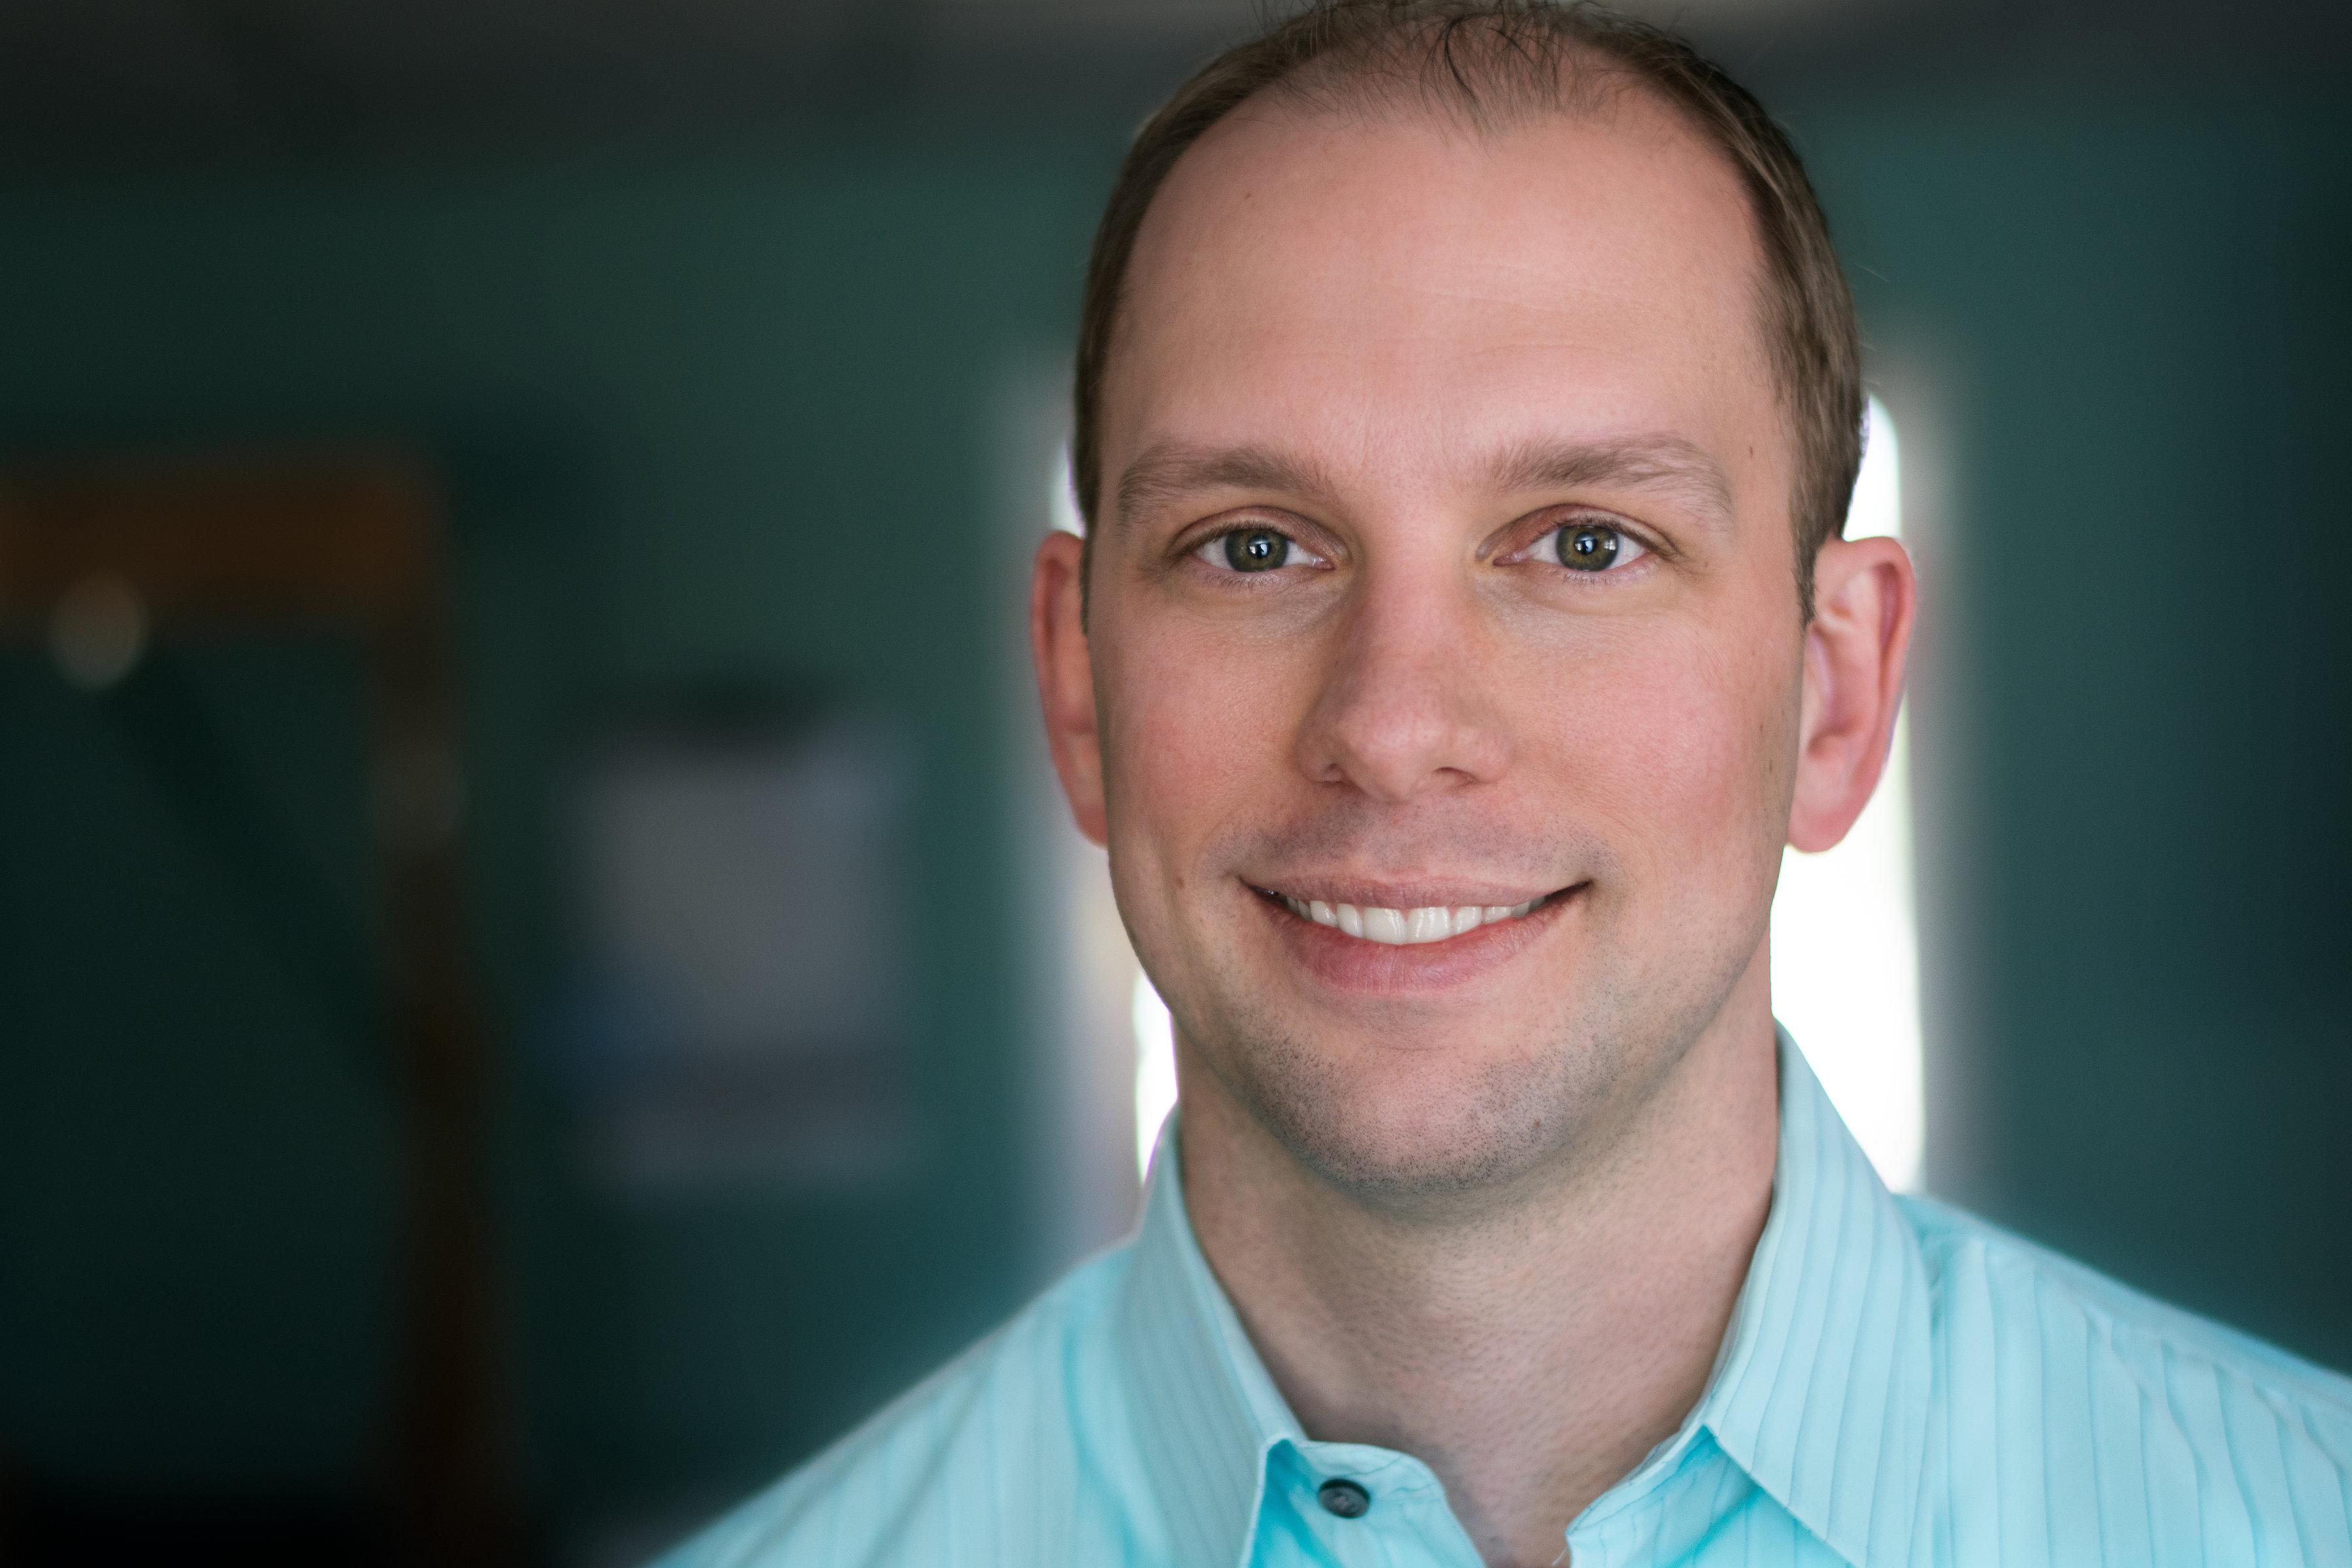 Dr. Ryan Pilsner